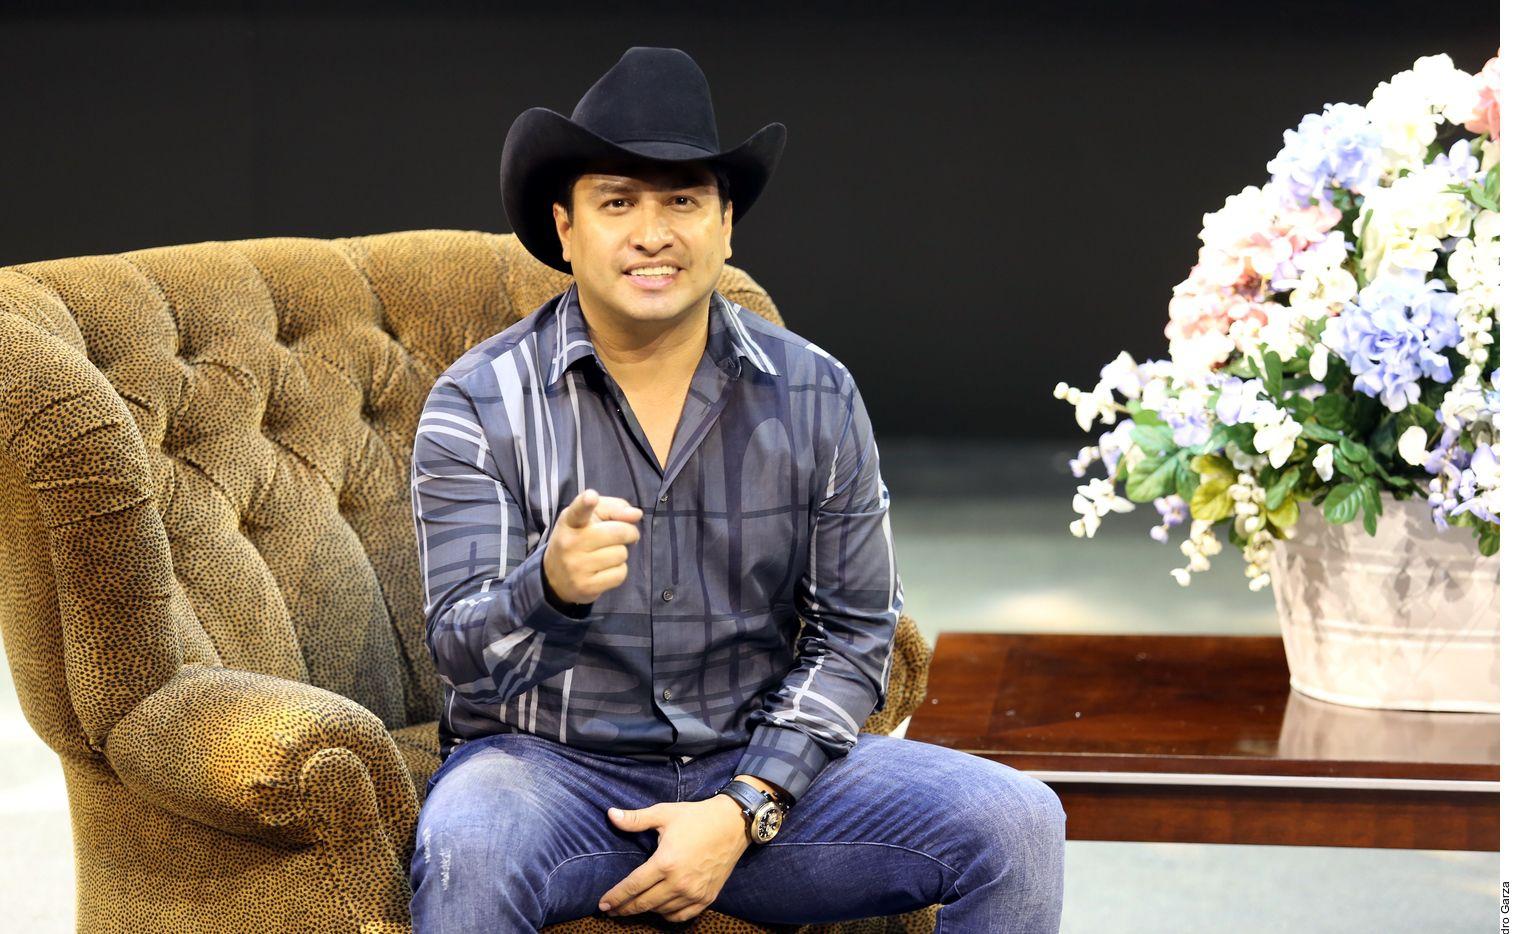 El cantante Julión Álvarez dijo que no era alcohólico pero se cansaba mucho y sufría reflujo por lo que decidió llevar una vida mejor. (AGENCIA REFORMA)